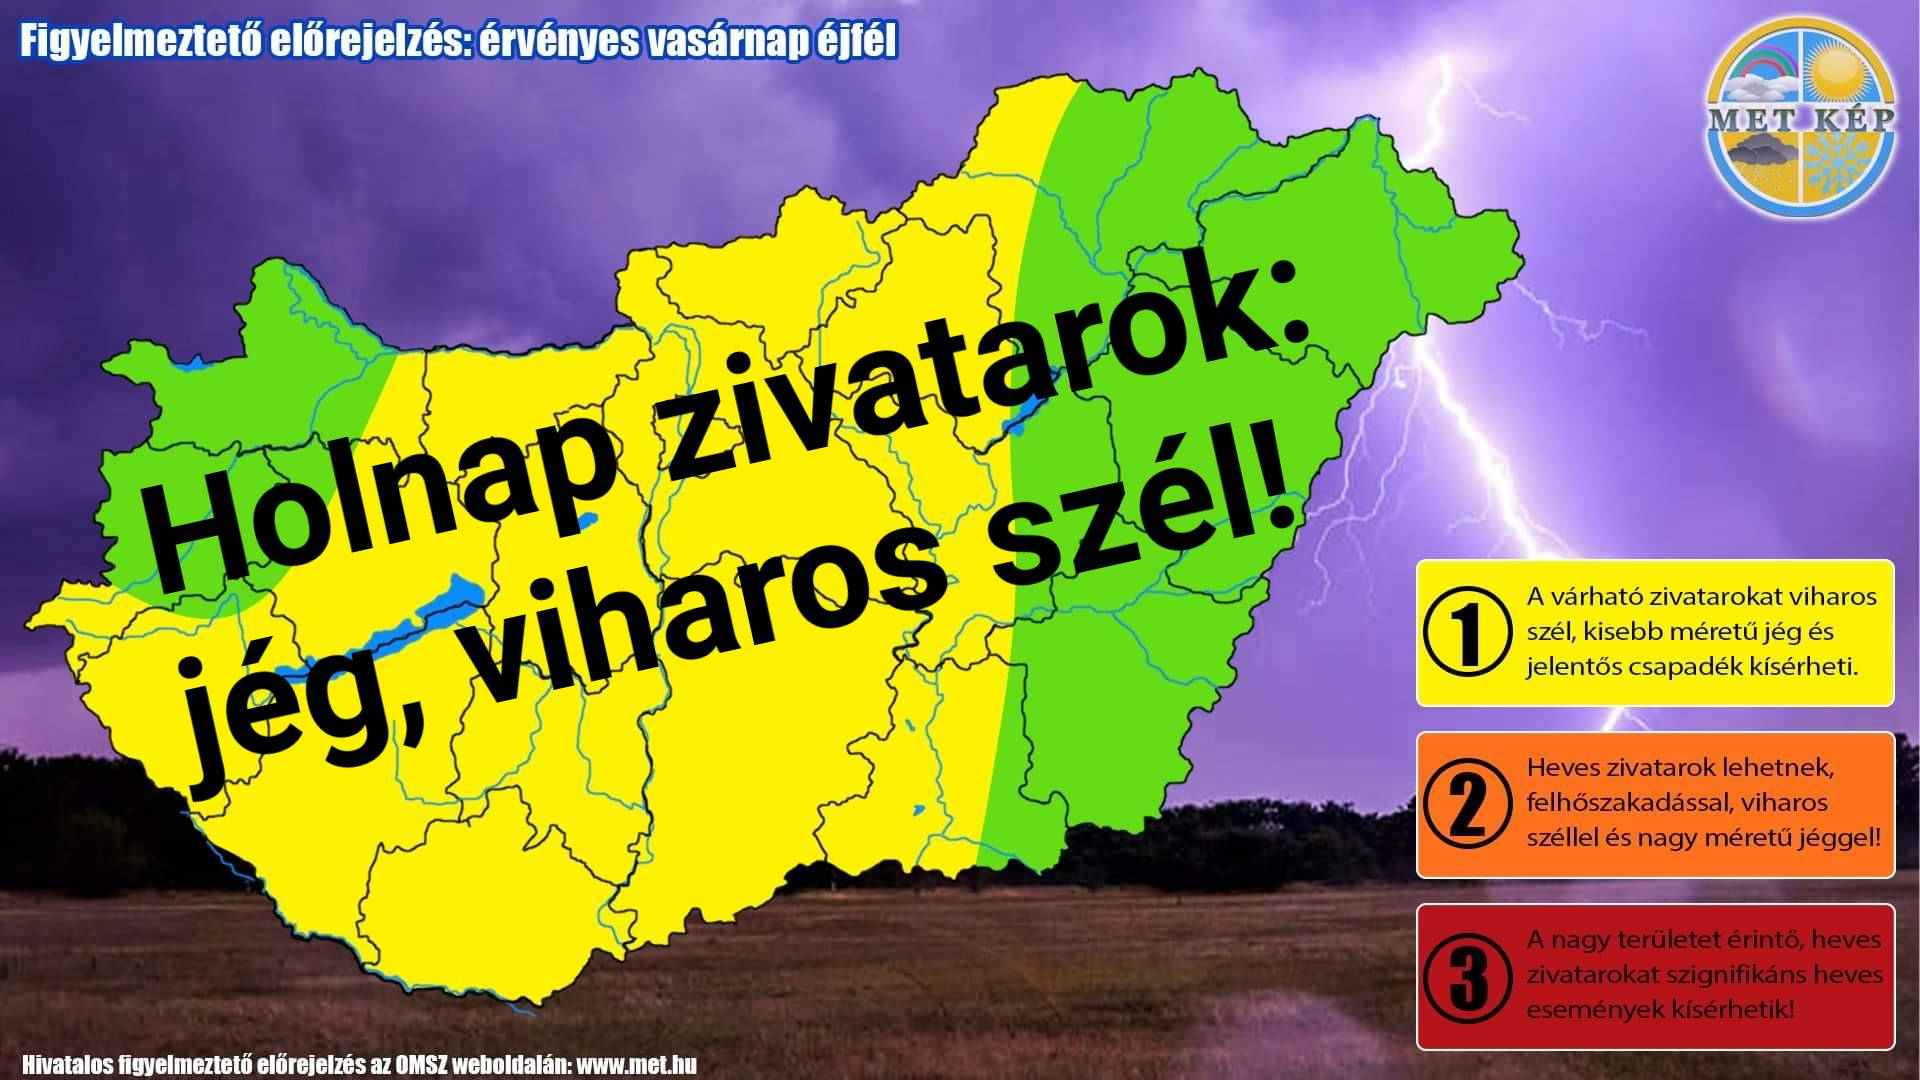 Figyelmeztetés: zivatarok, viharos szél, jégeső! 1